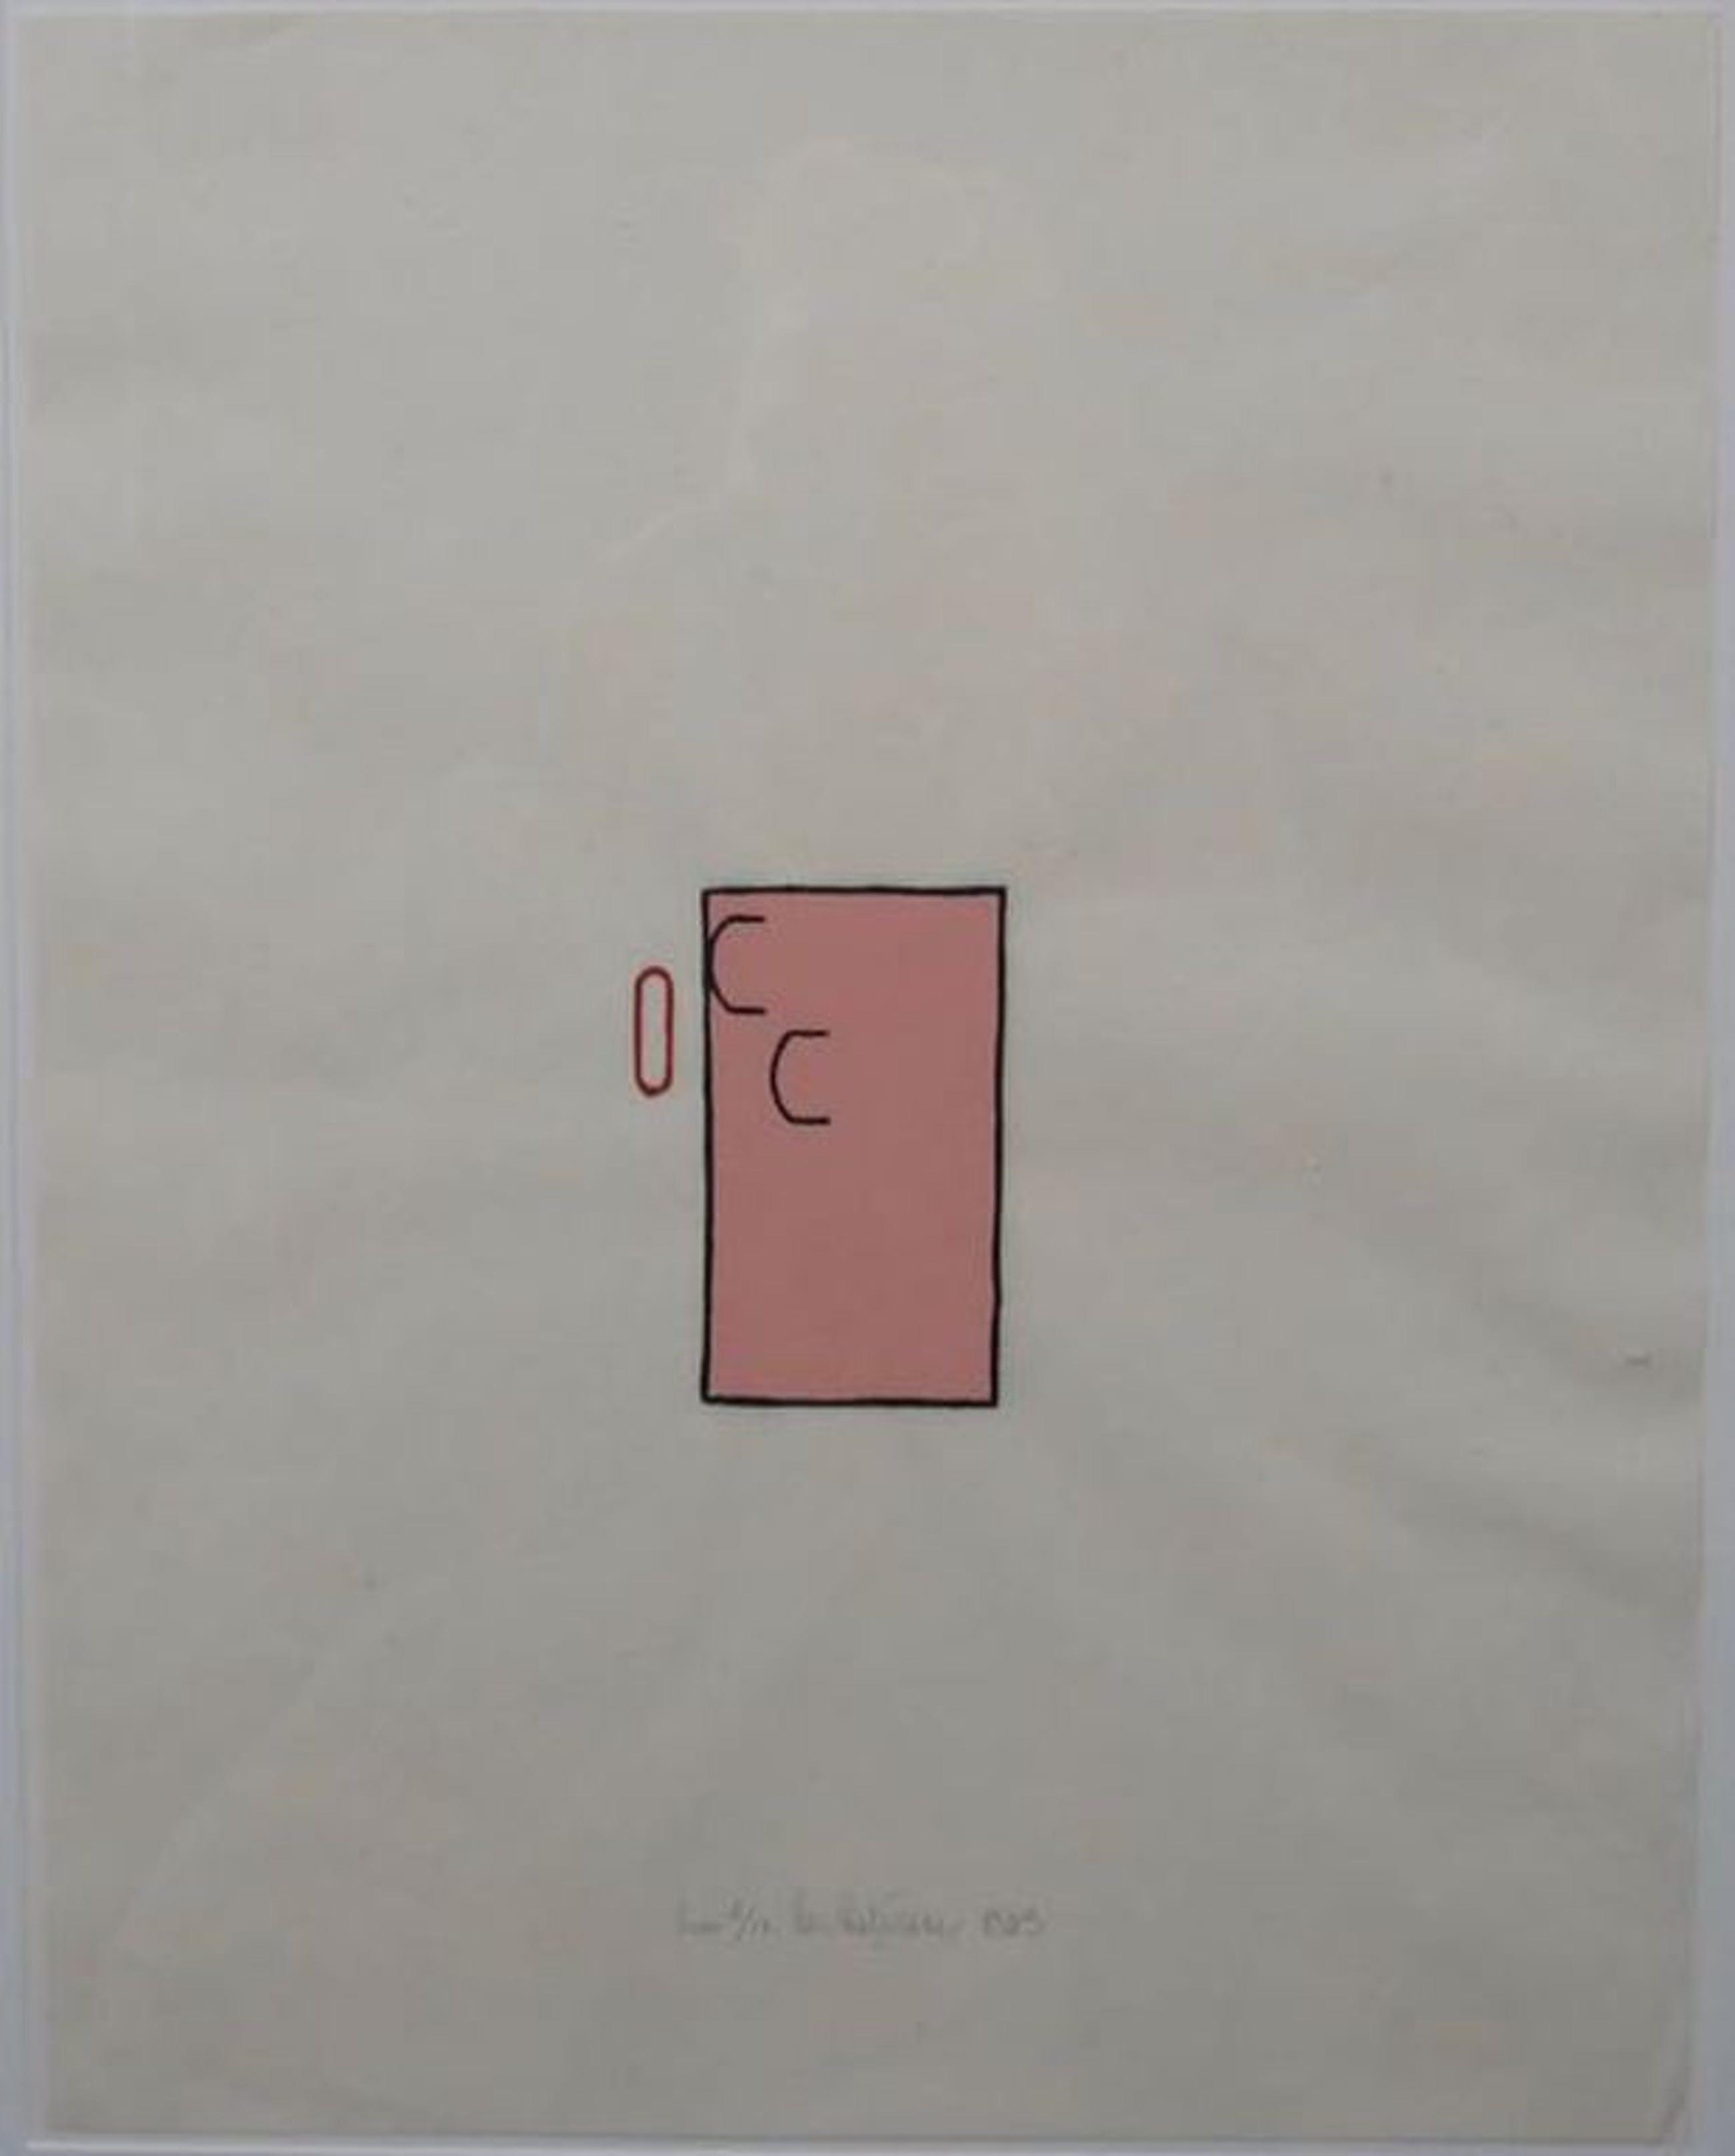 Cees Andriessen: Lino, Z.T. roze - Ingelijst kopen? Bied vanaf 1!